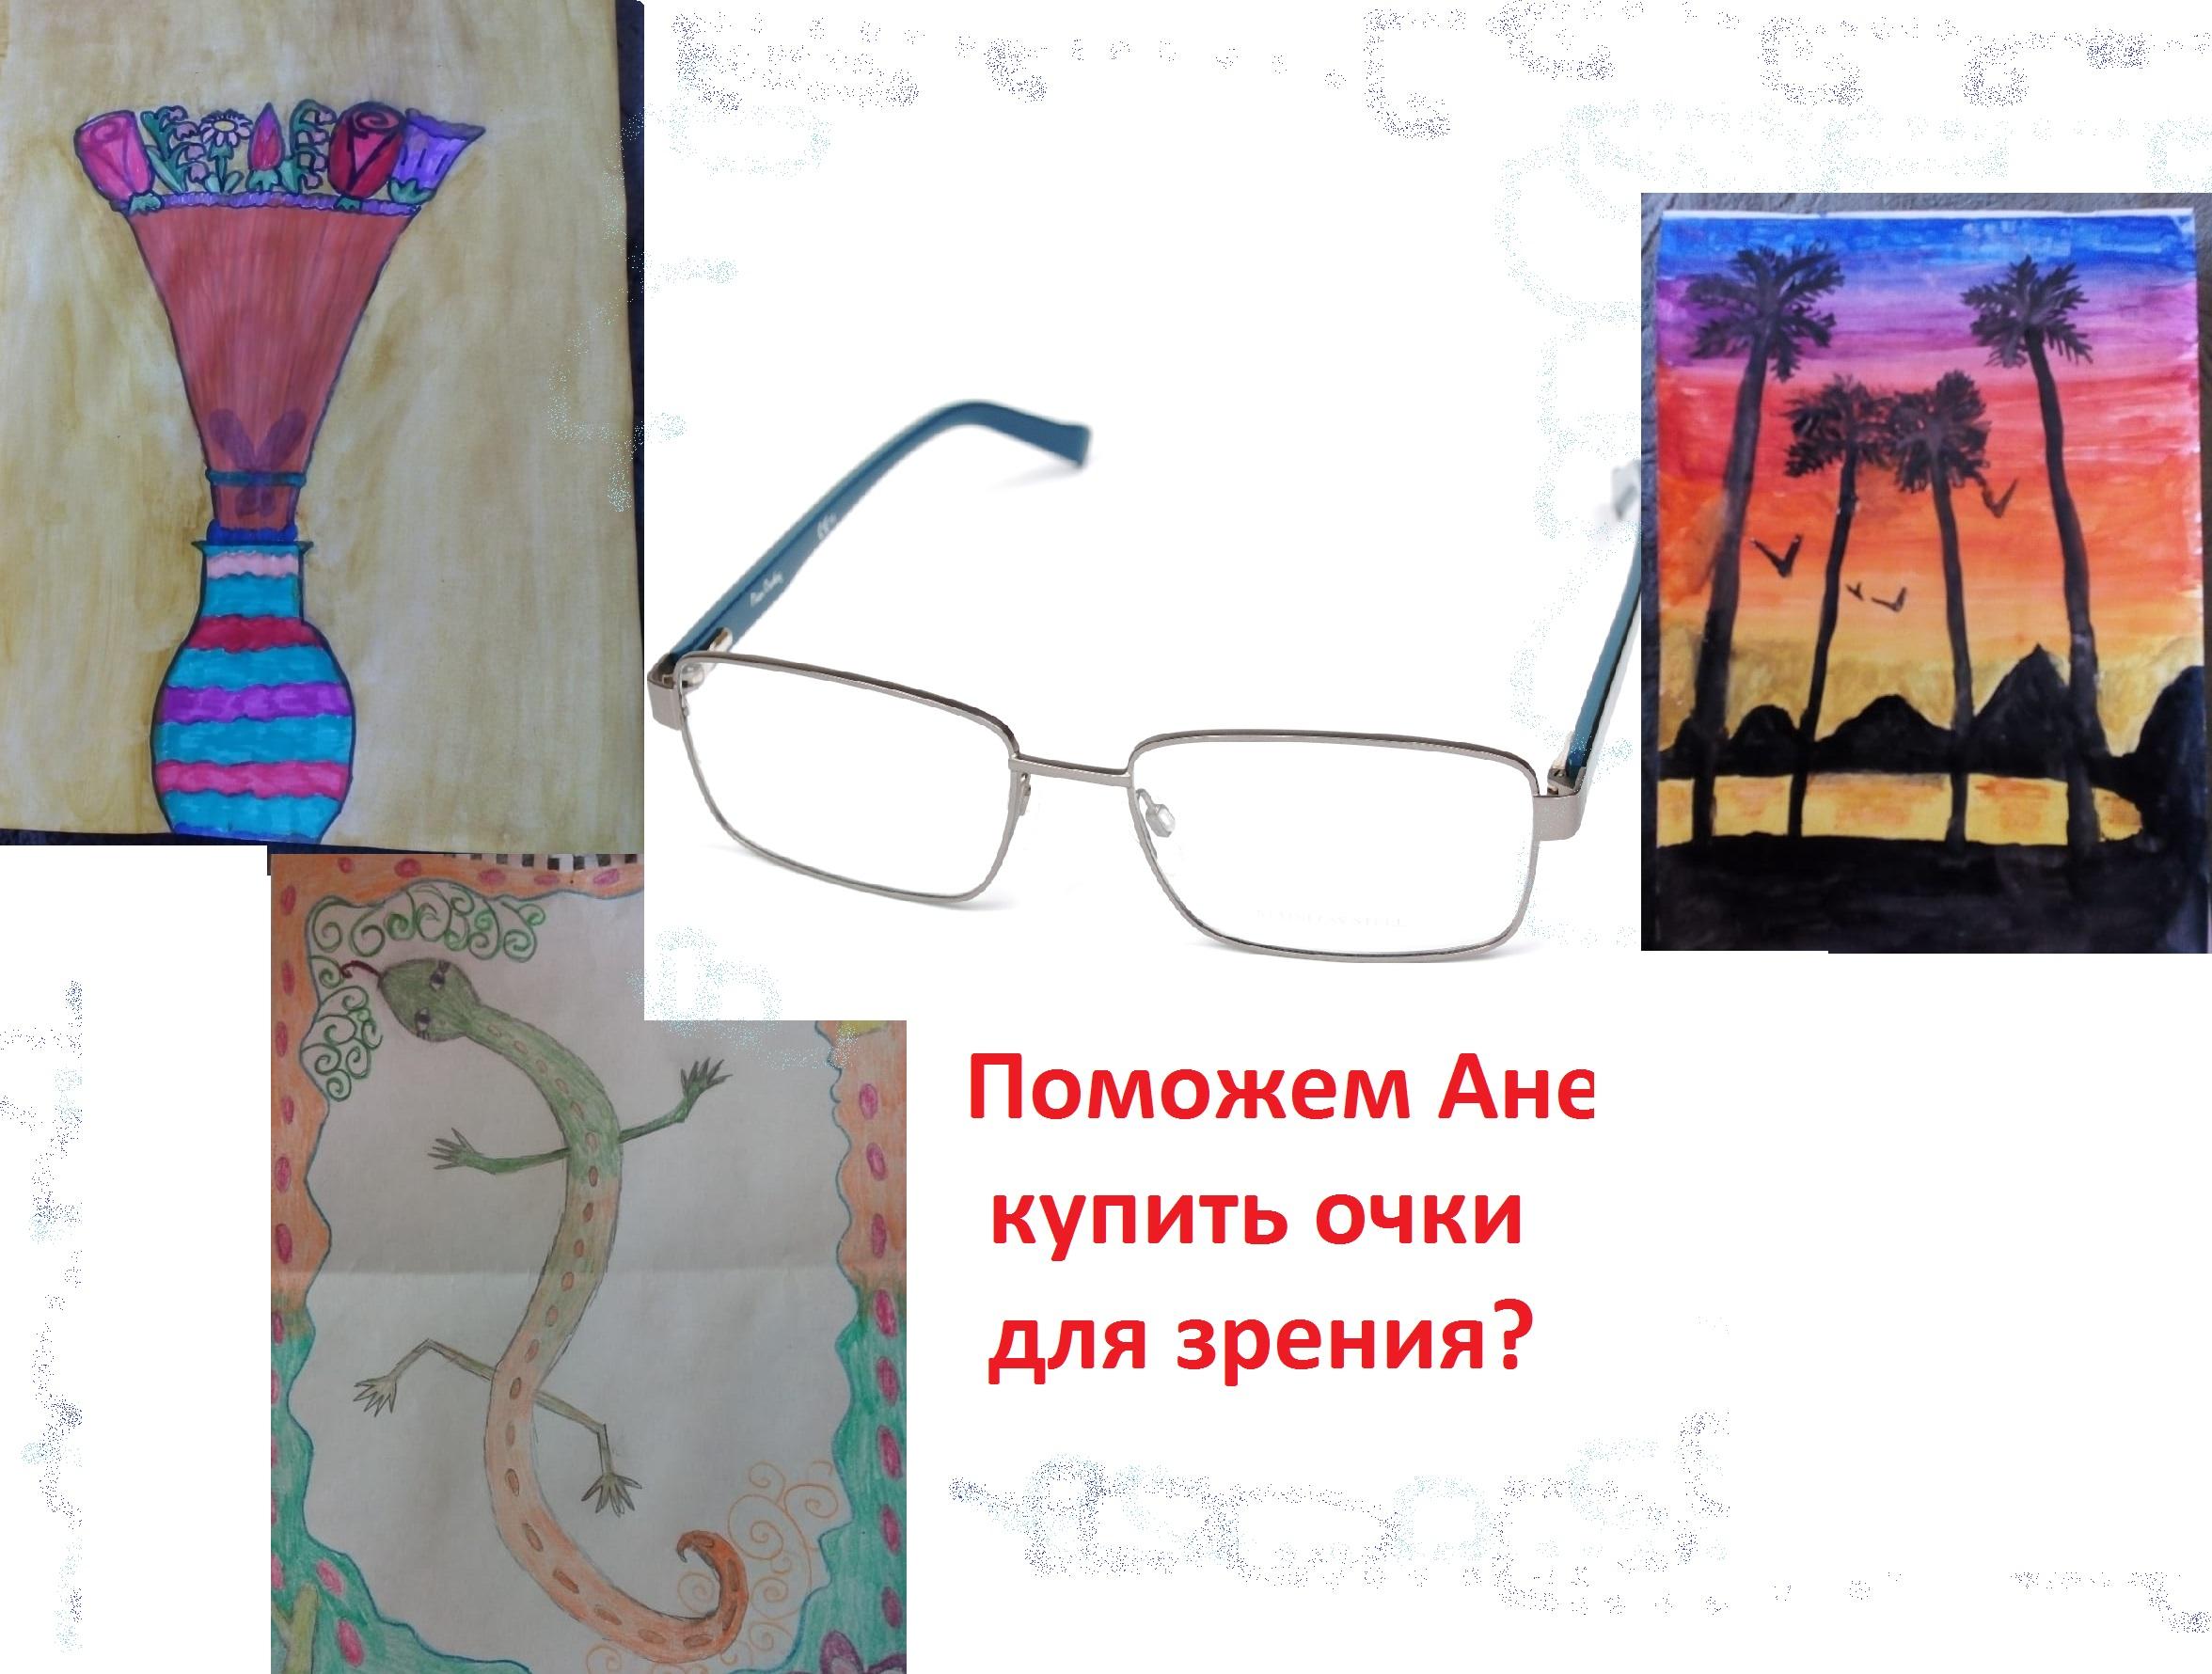 Заставка для - Поможем Ане купить очки для зрения